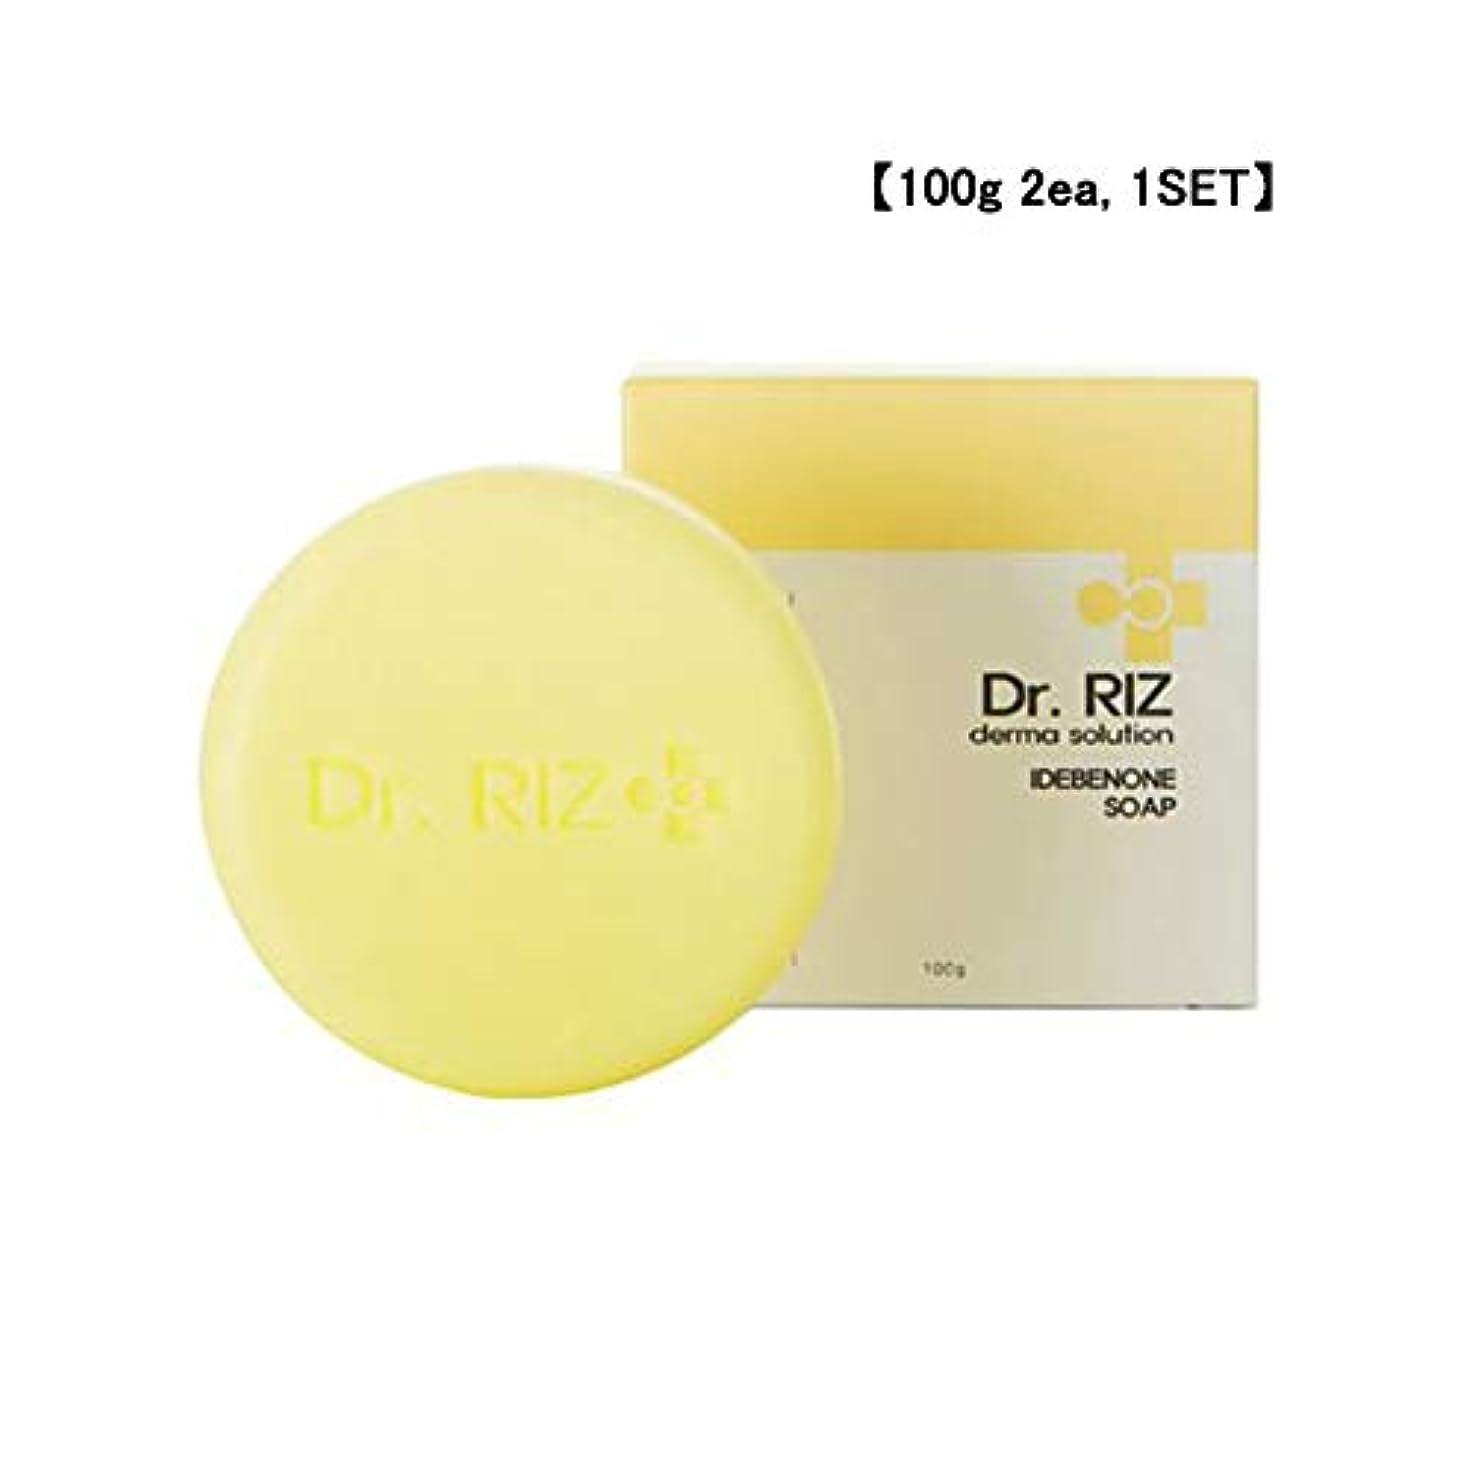 自分のどうしたの極めて【Dr.RIZ]天然手作り石鹸/イーベノン10,000ppm含有/英国オーガニック認定原料ローズヒップオイル配合/Derma solution [並行輸入品] (100g 2ea)